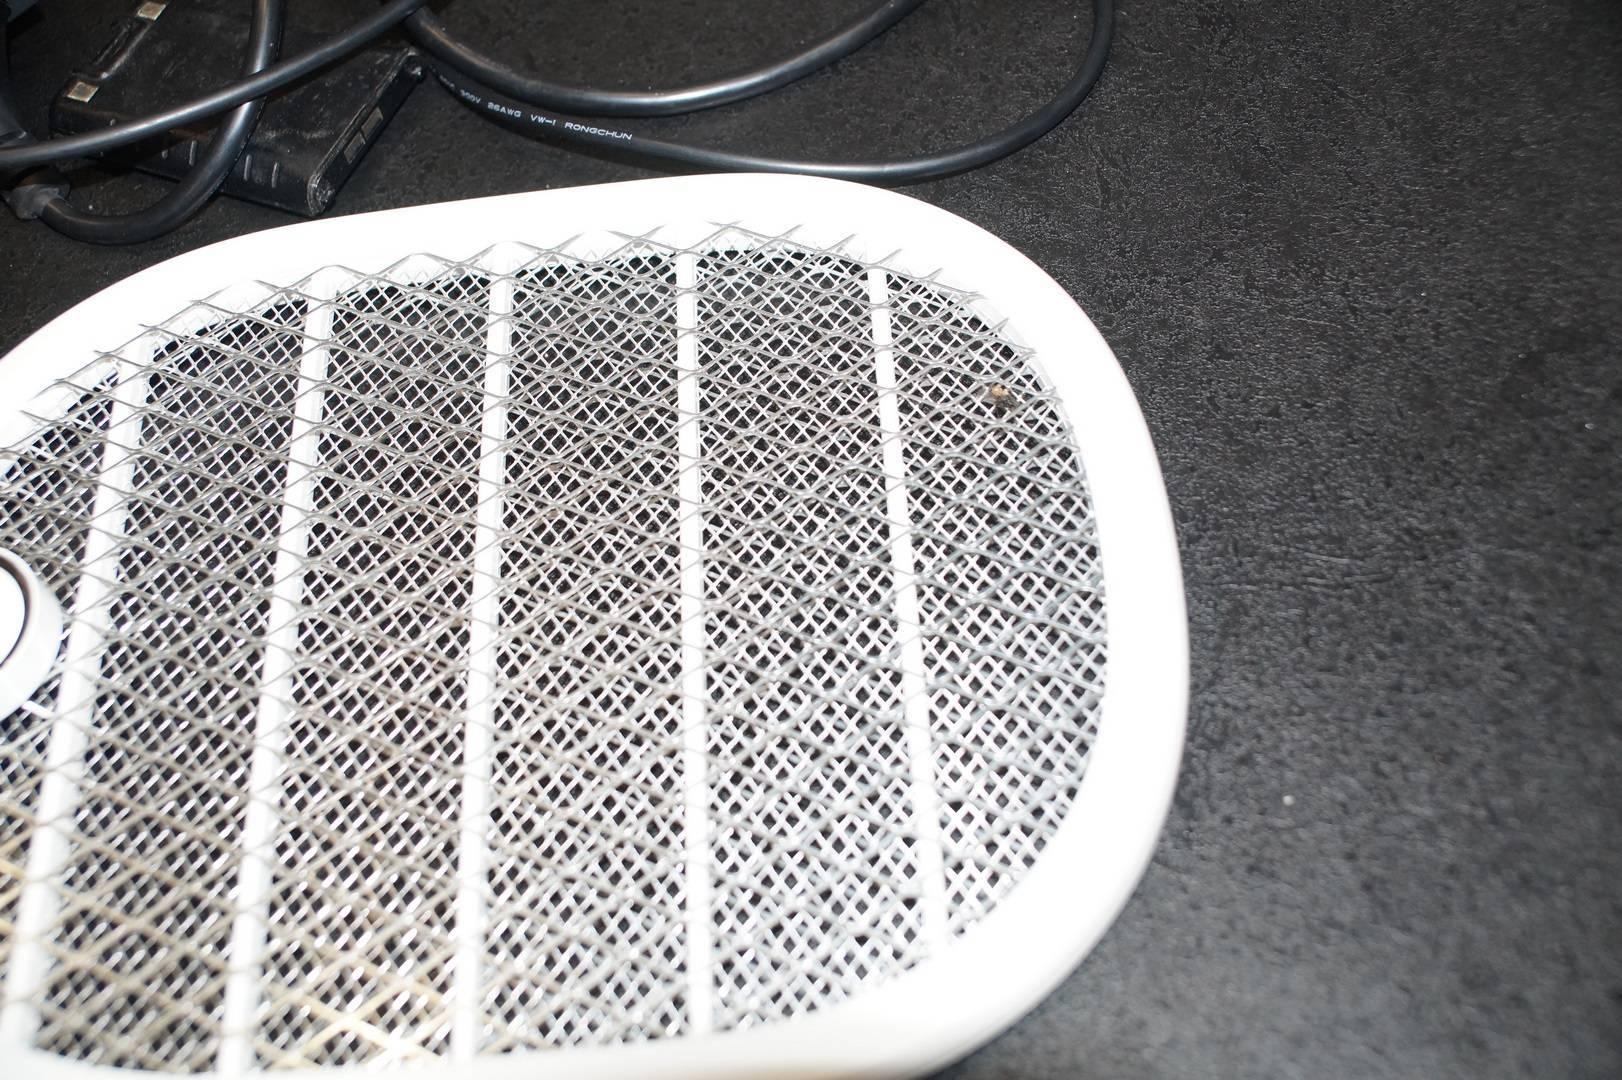 Электрическая мухобойка: надоедливые насекомые остались в прошлом! сделанная в китае электрическая мухобойка принцип работы устройства.